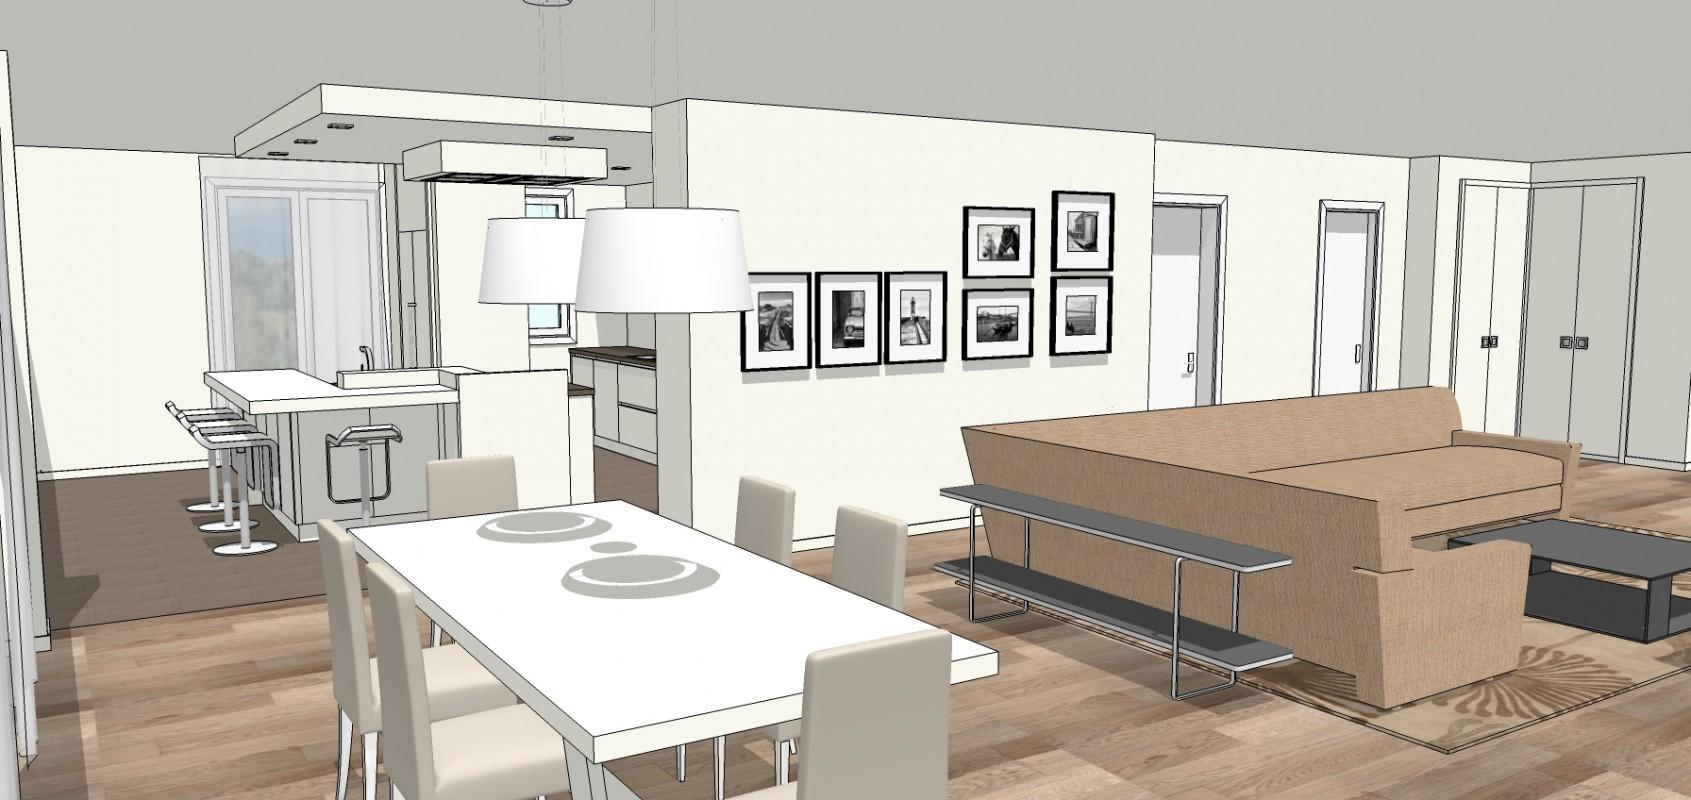 Cucina 1 er ma da mobilificio progetta e costruisce for Progetta i tuoi mobili online